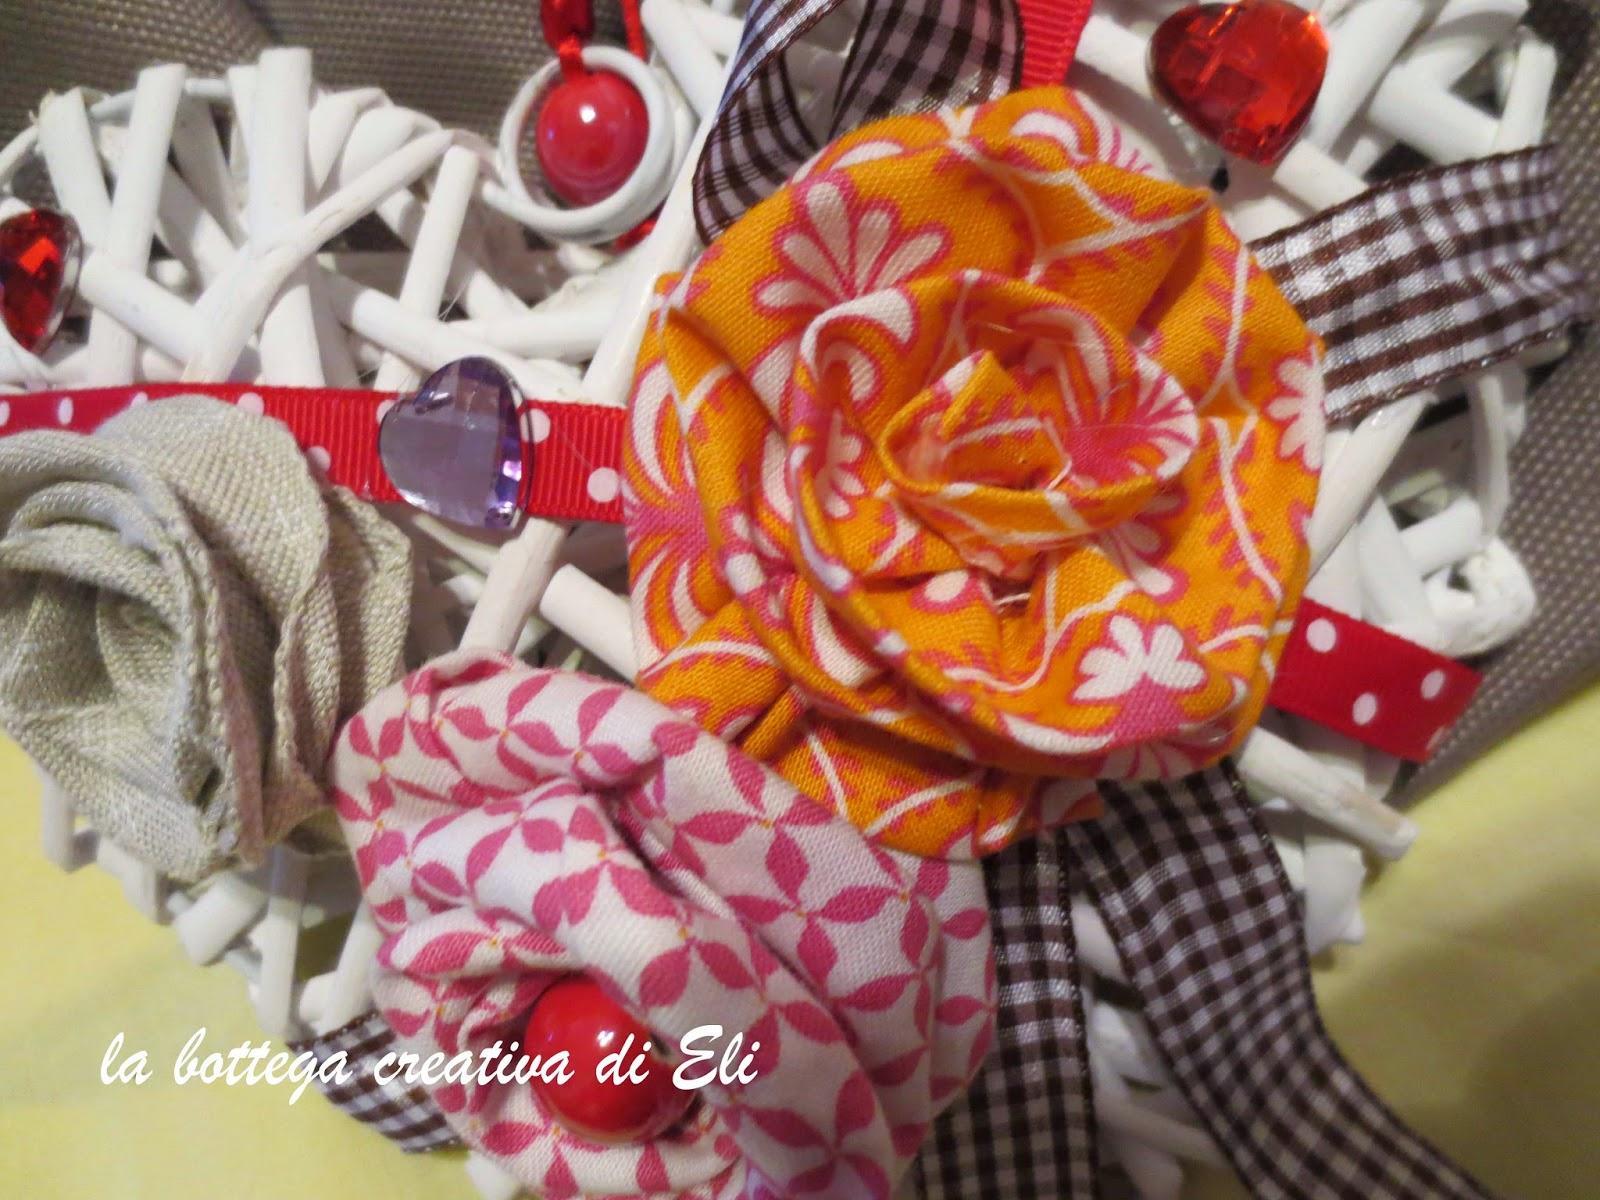 realizzare-fiori-in-tessuto-con-la-tecnica-del-cucito-creativo